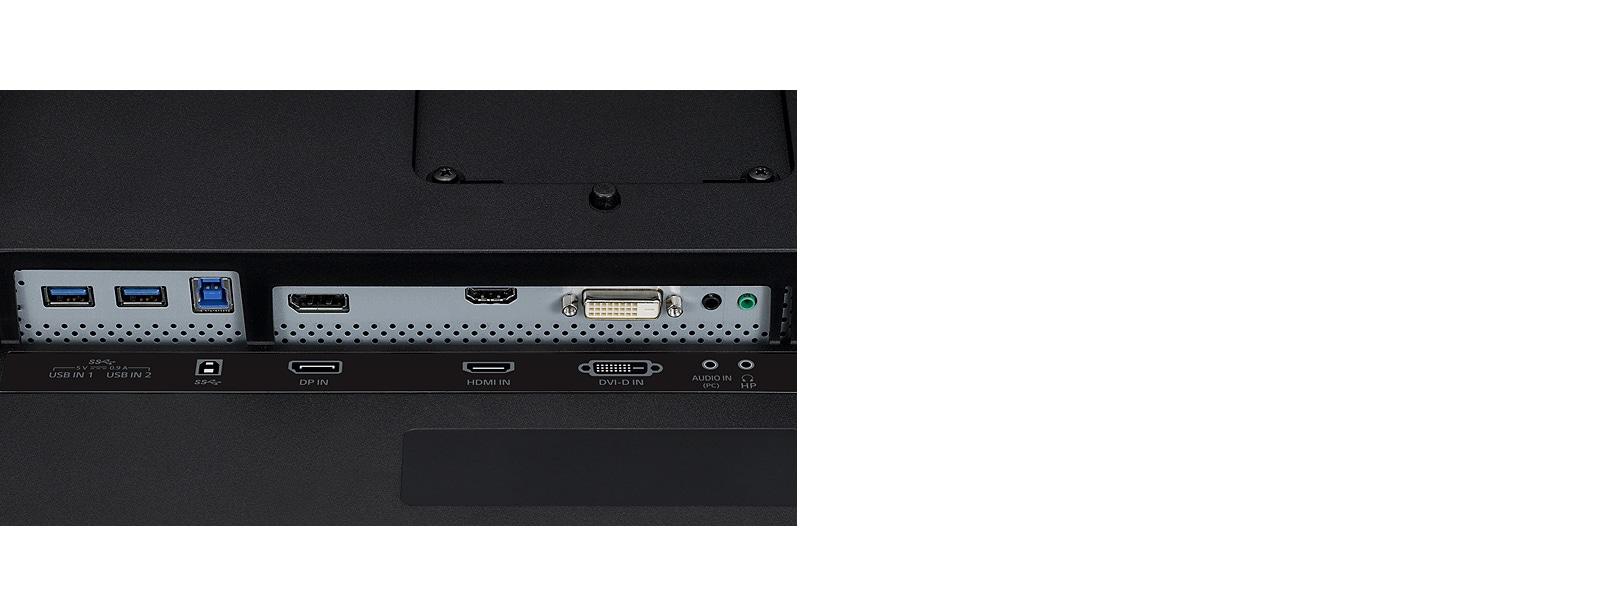 Nahaufnahme der DisplayPort-, HDMI- und DVI-Anschlüsse auf der Monitorrückseite